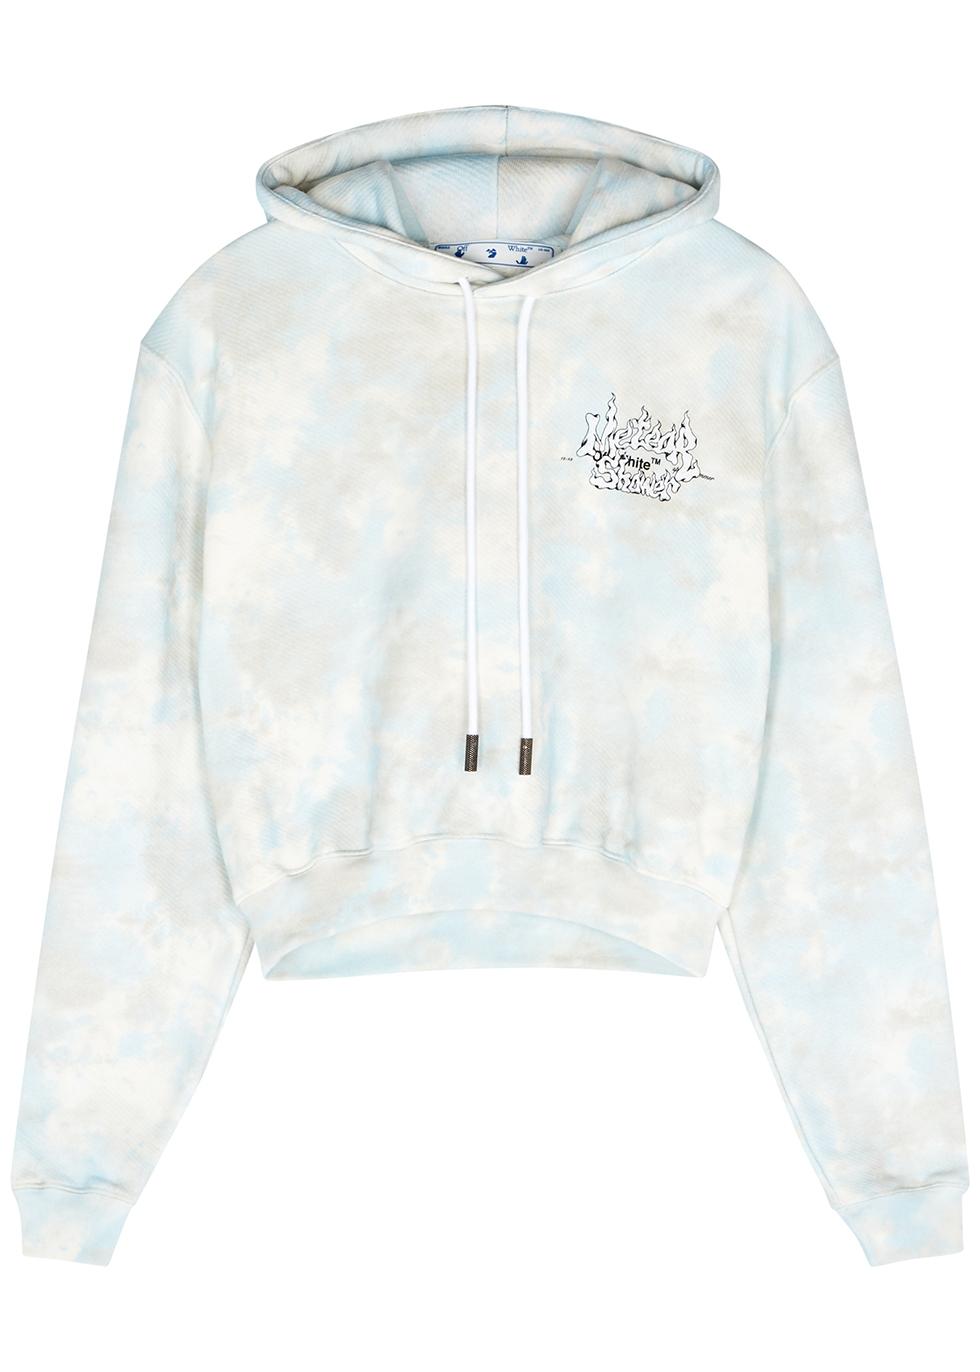 Meteor Shower tie-dyed cotton sweatshirt